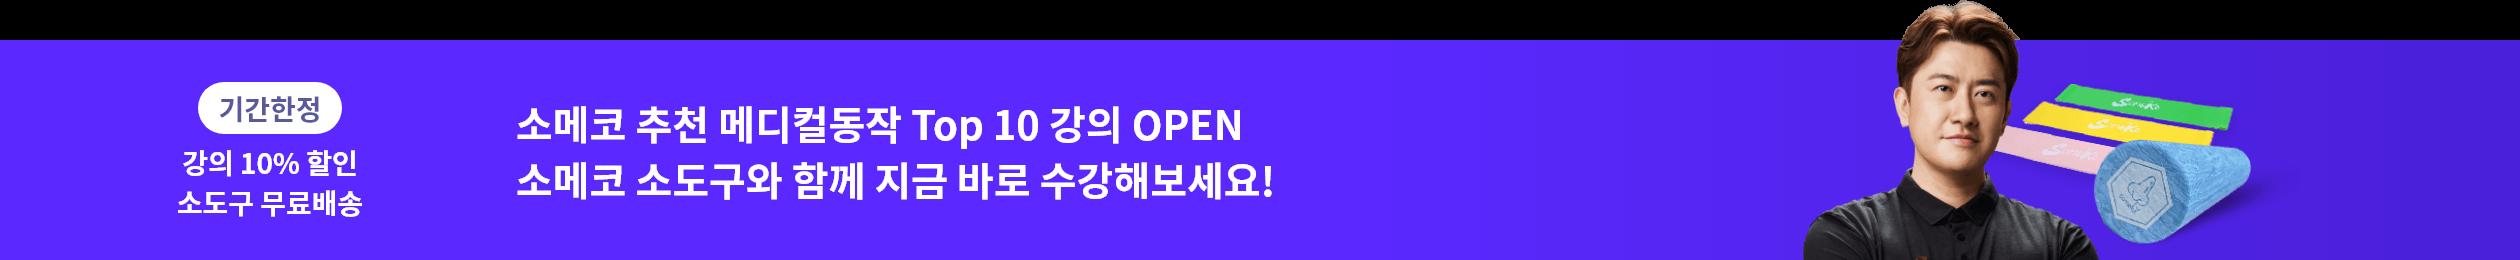 소메코 추천 메디컬 동작 top10 사전에약 이벤트